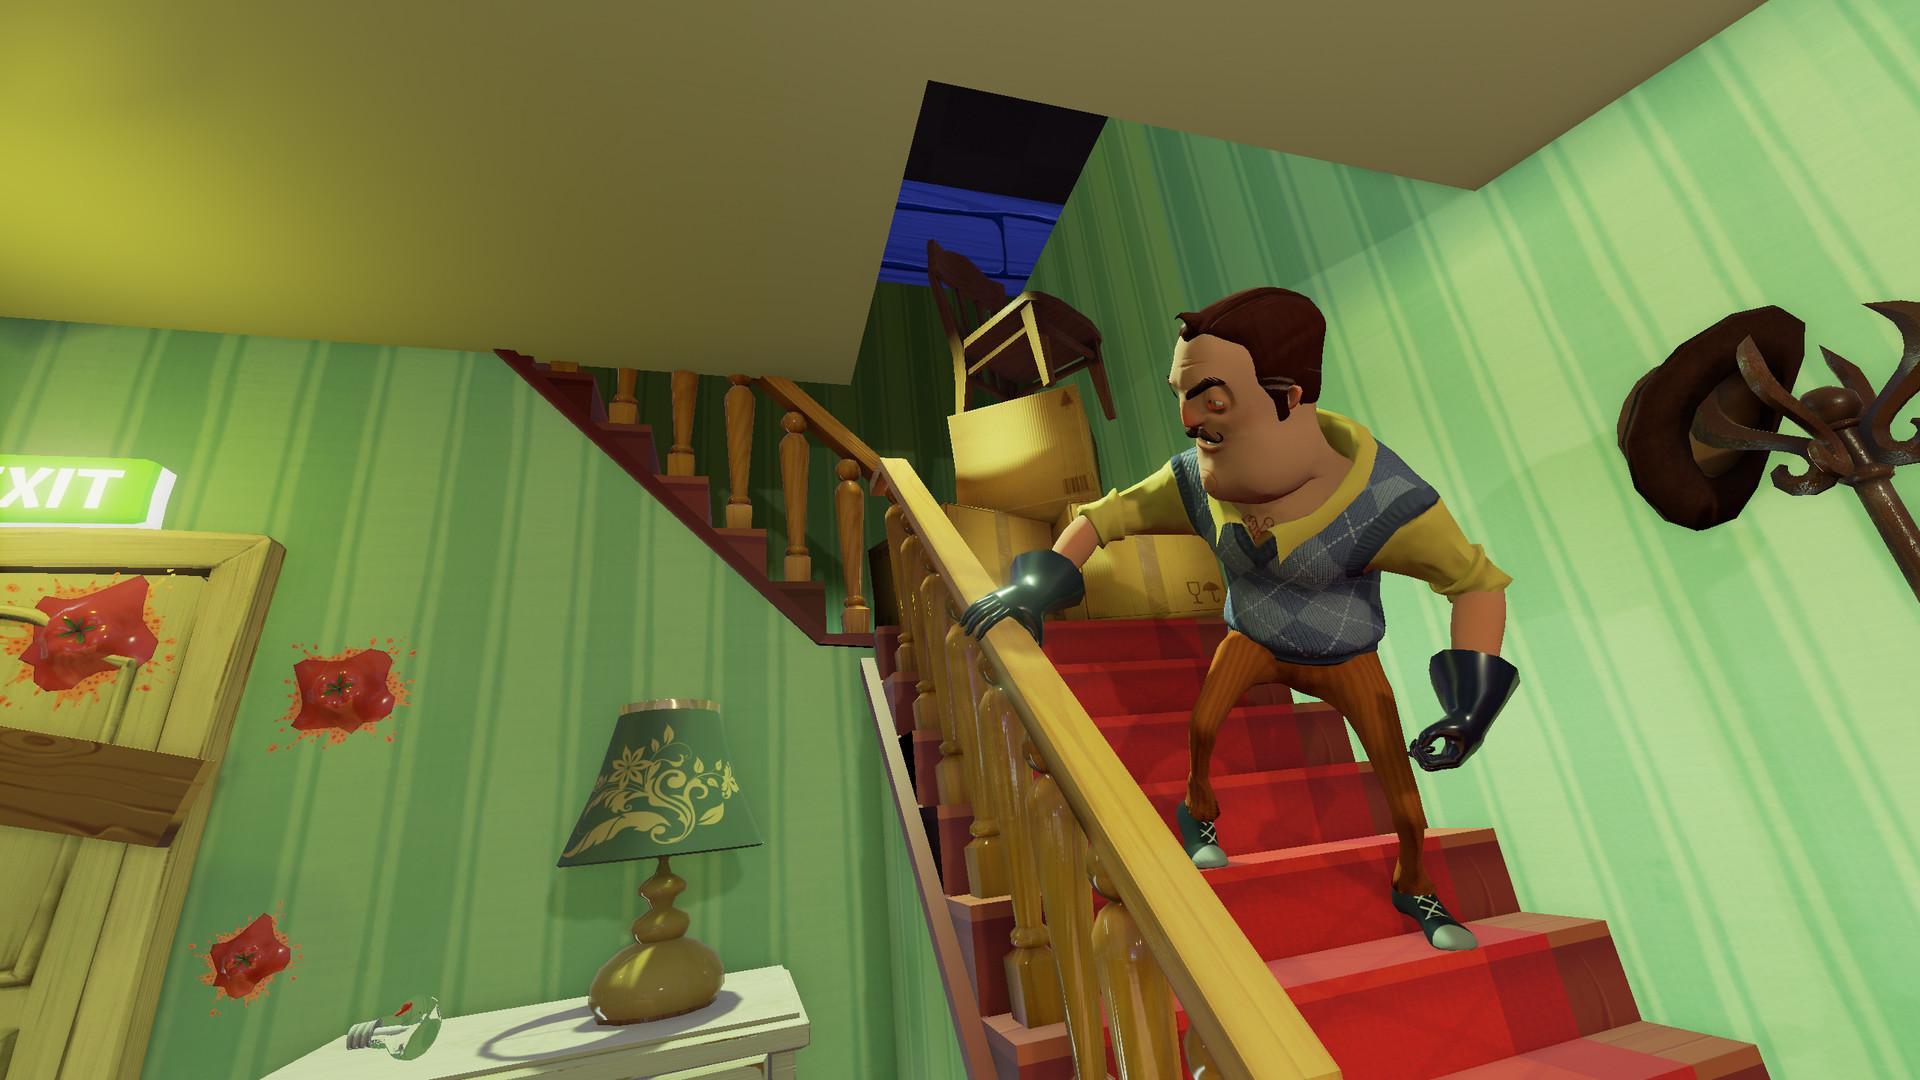 《你好邻居2》公布10分钟玩法展示视频